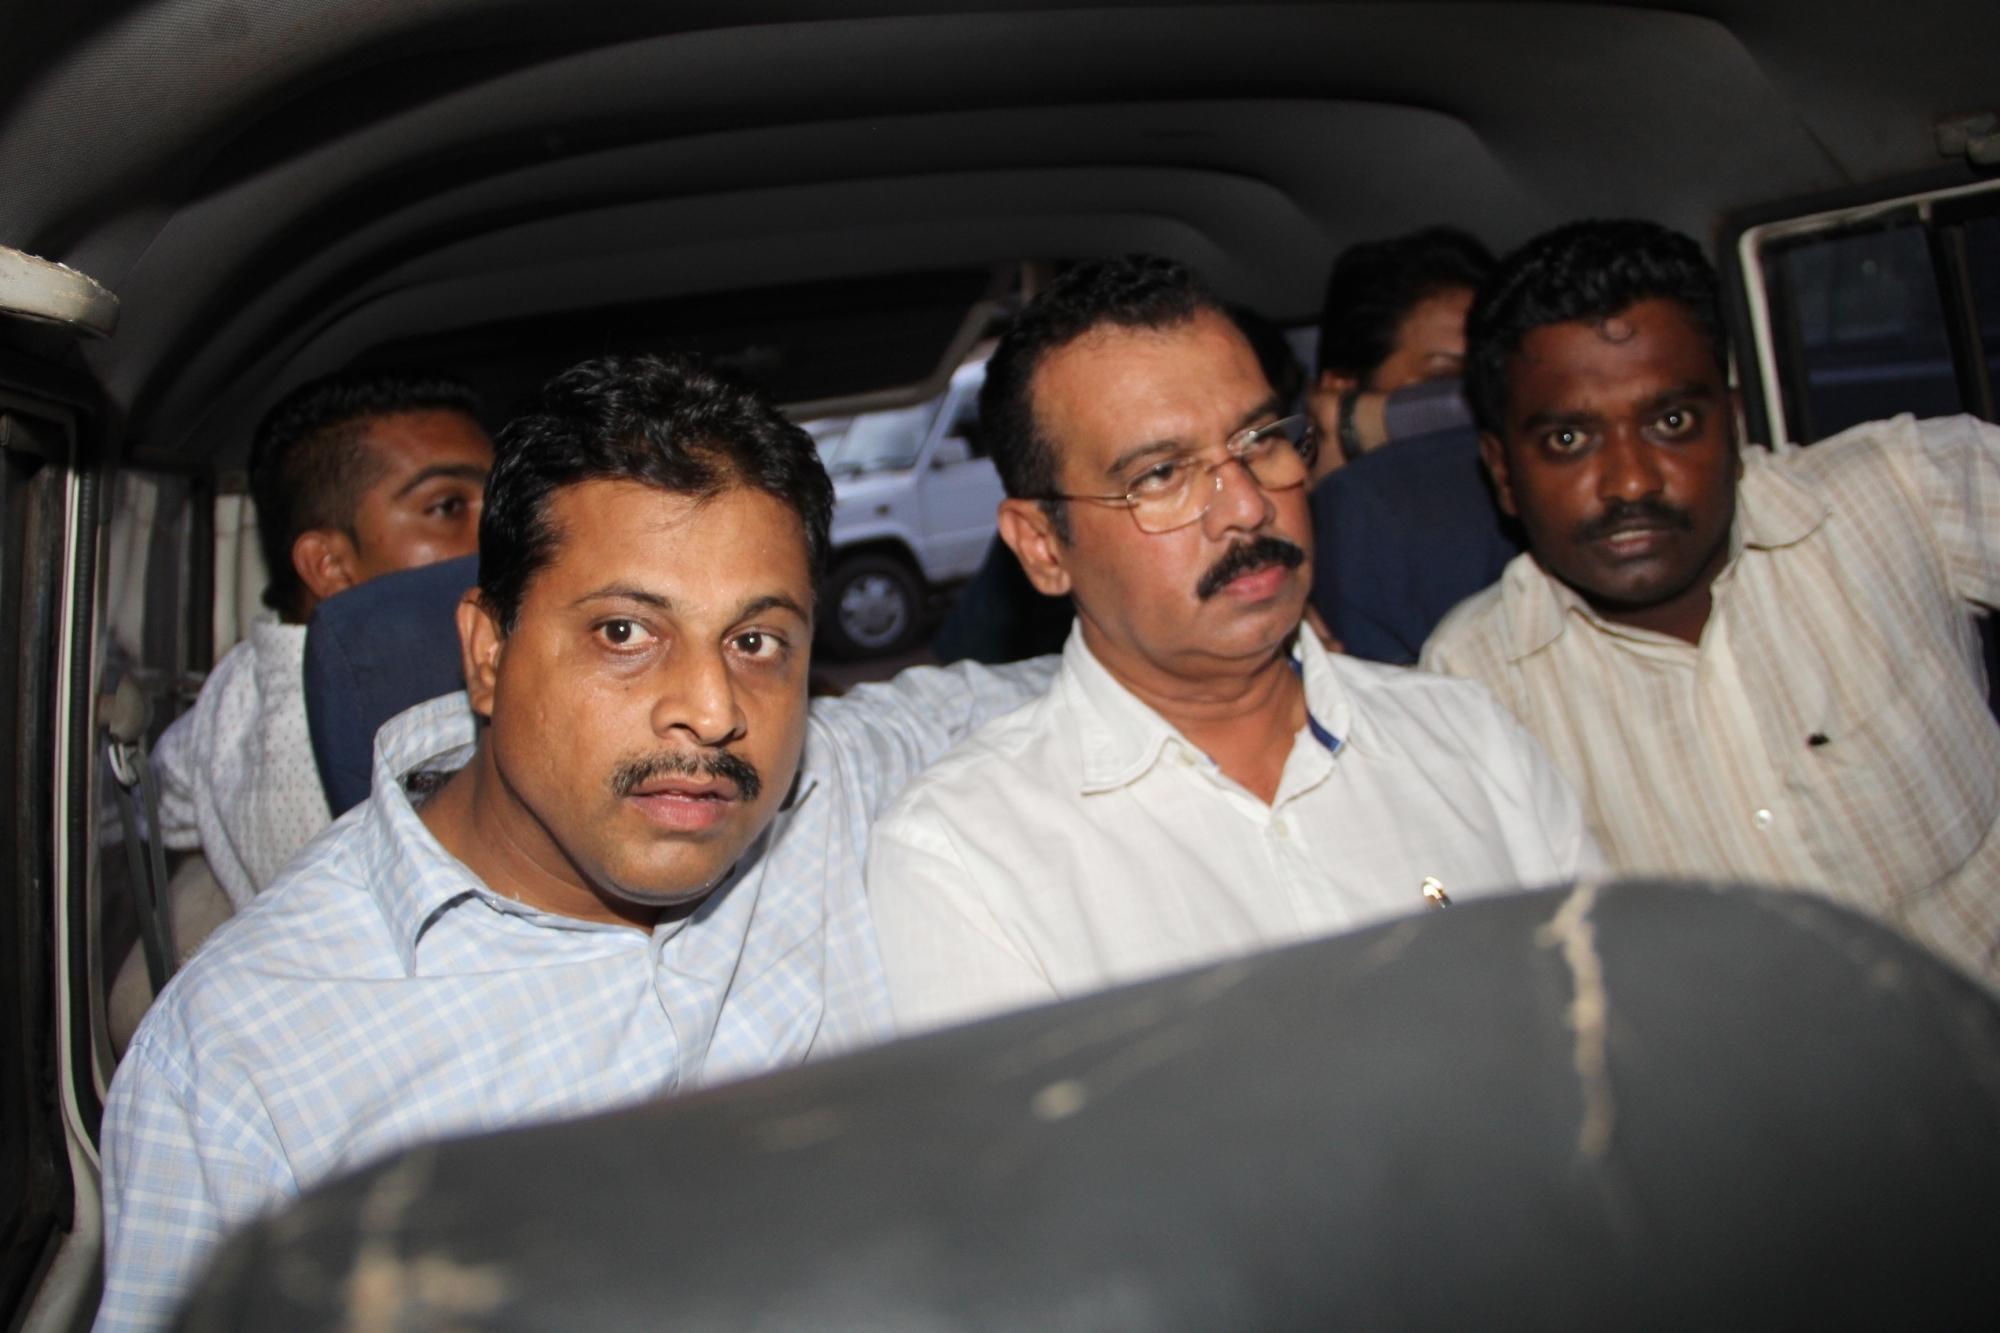 गोवा क्रिकेट संघ के तीन शीर्ष अधिकारी गिरफ्तार